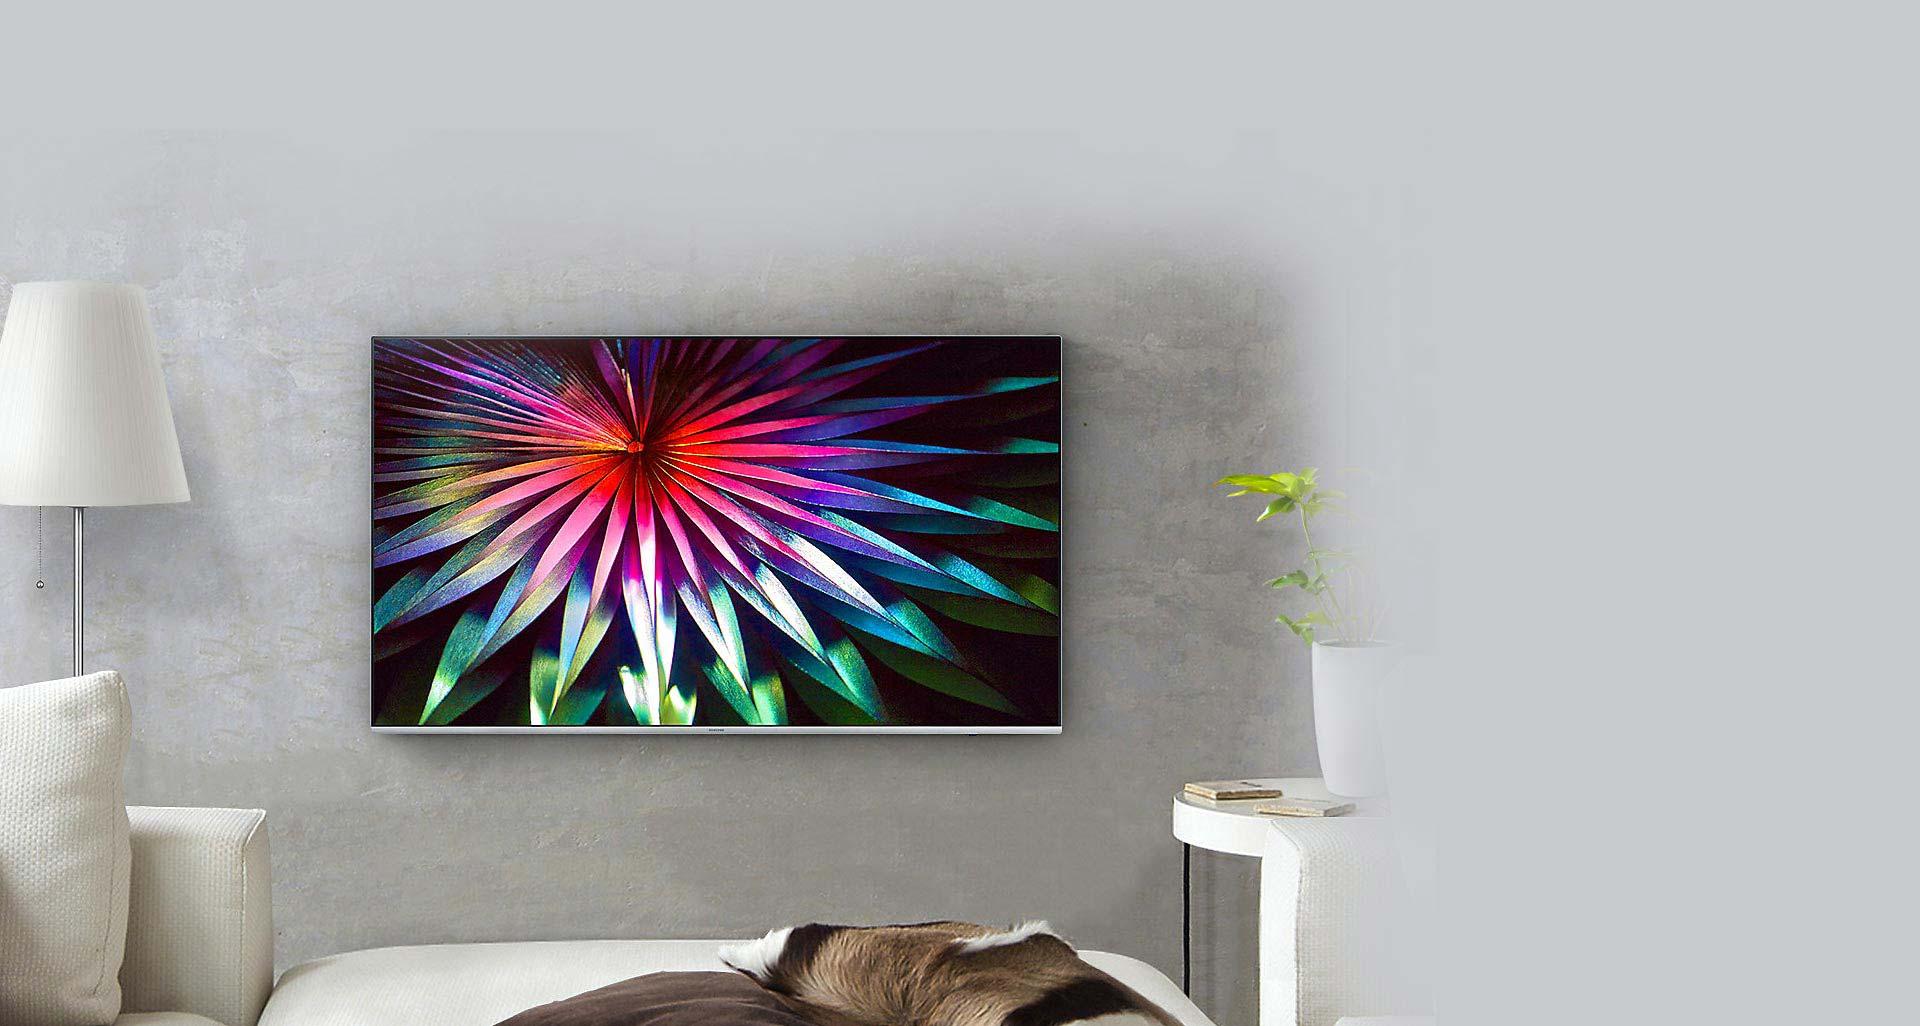 قیمت تلویزیون